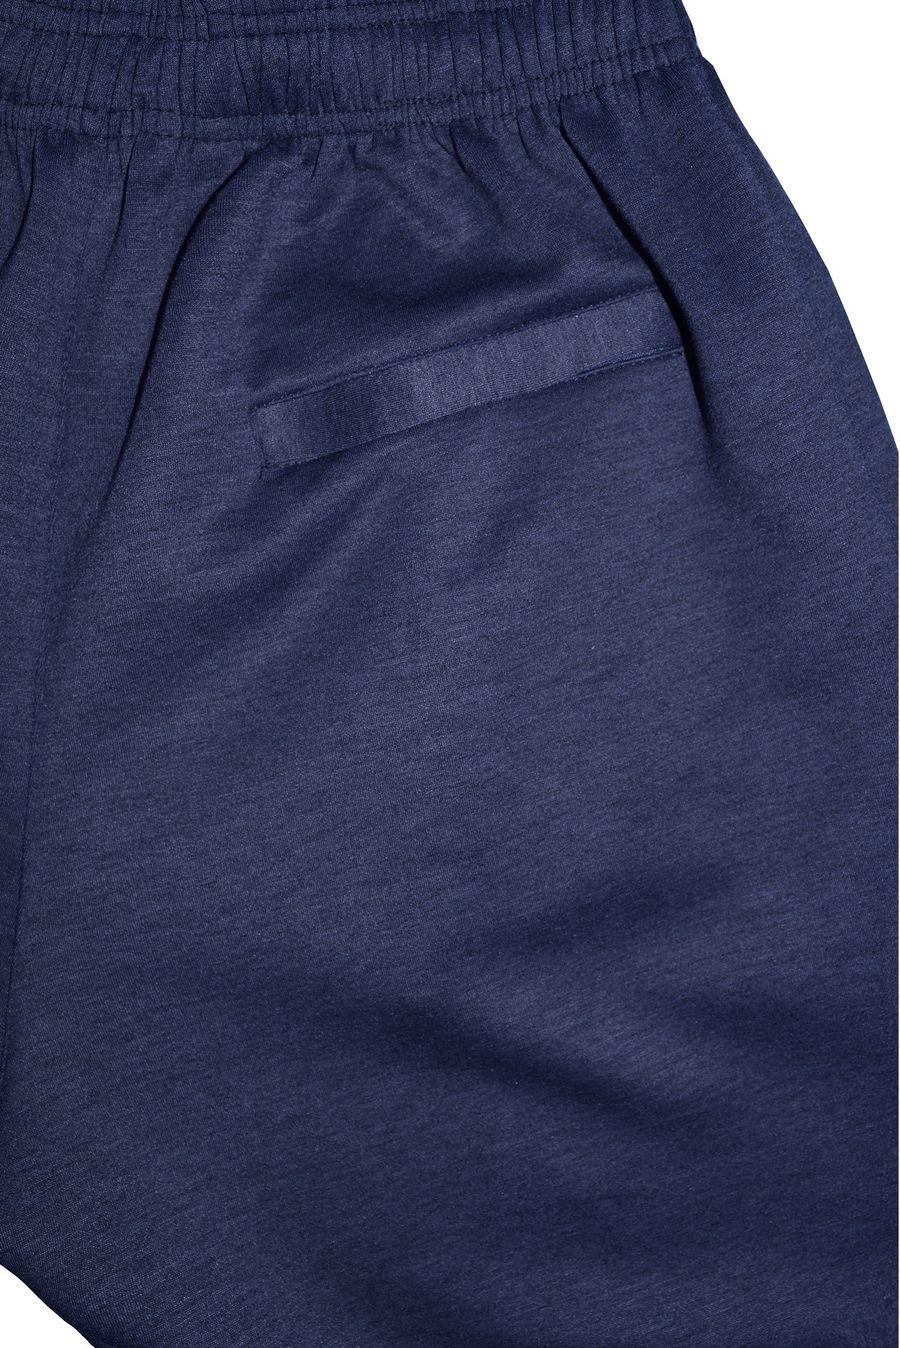 Брюки мужские GL 983 синие - фото 2